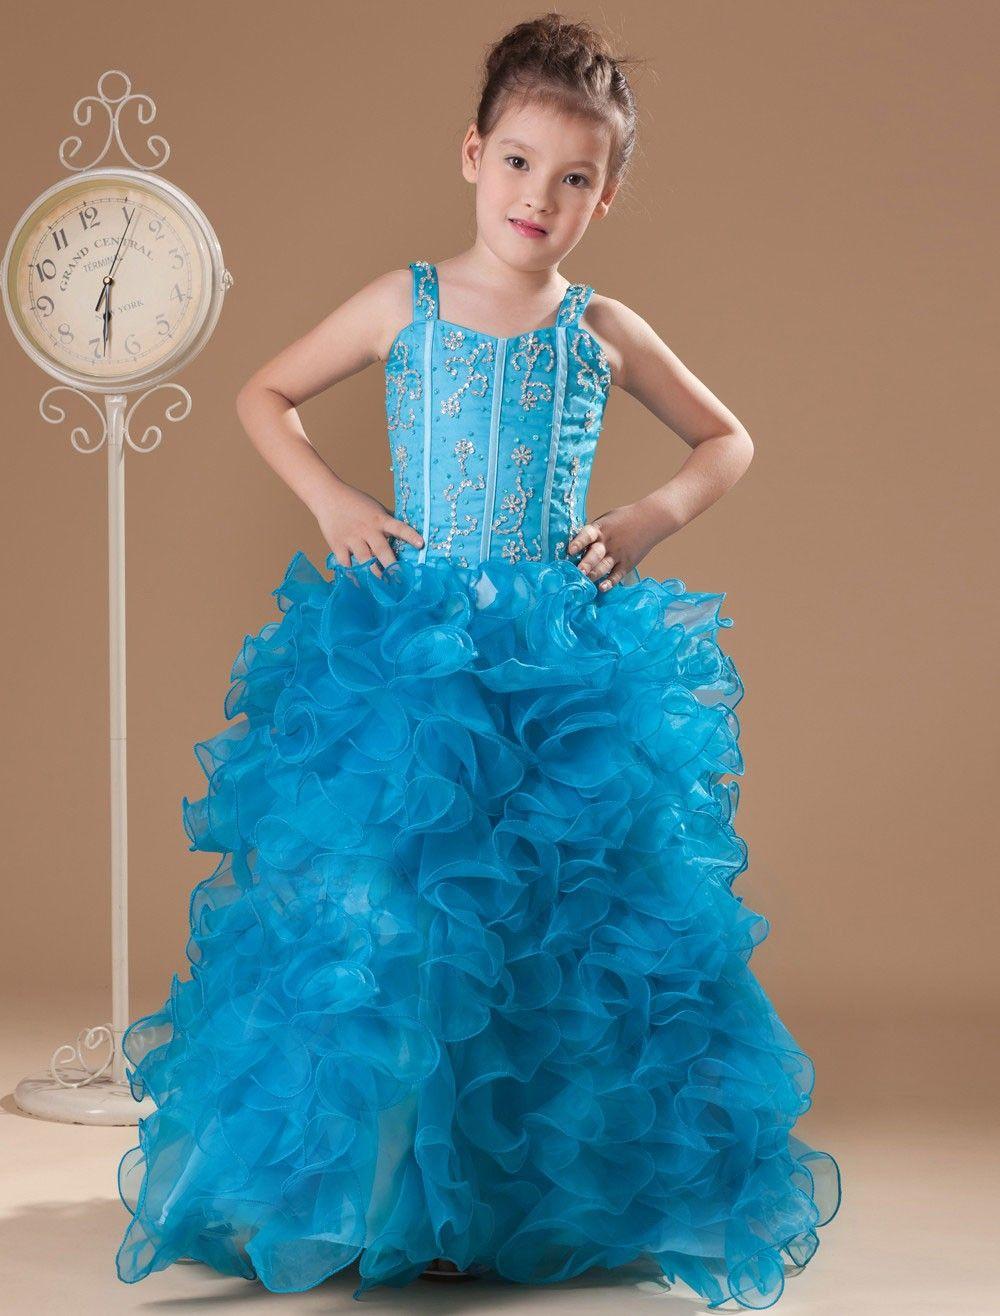 Great Blue Tulle Floor Length Little Girl's Dress